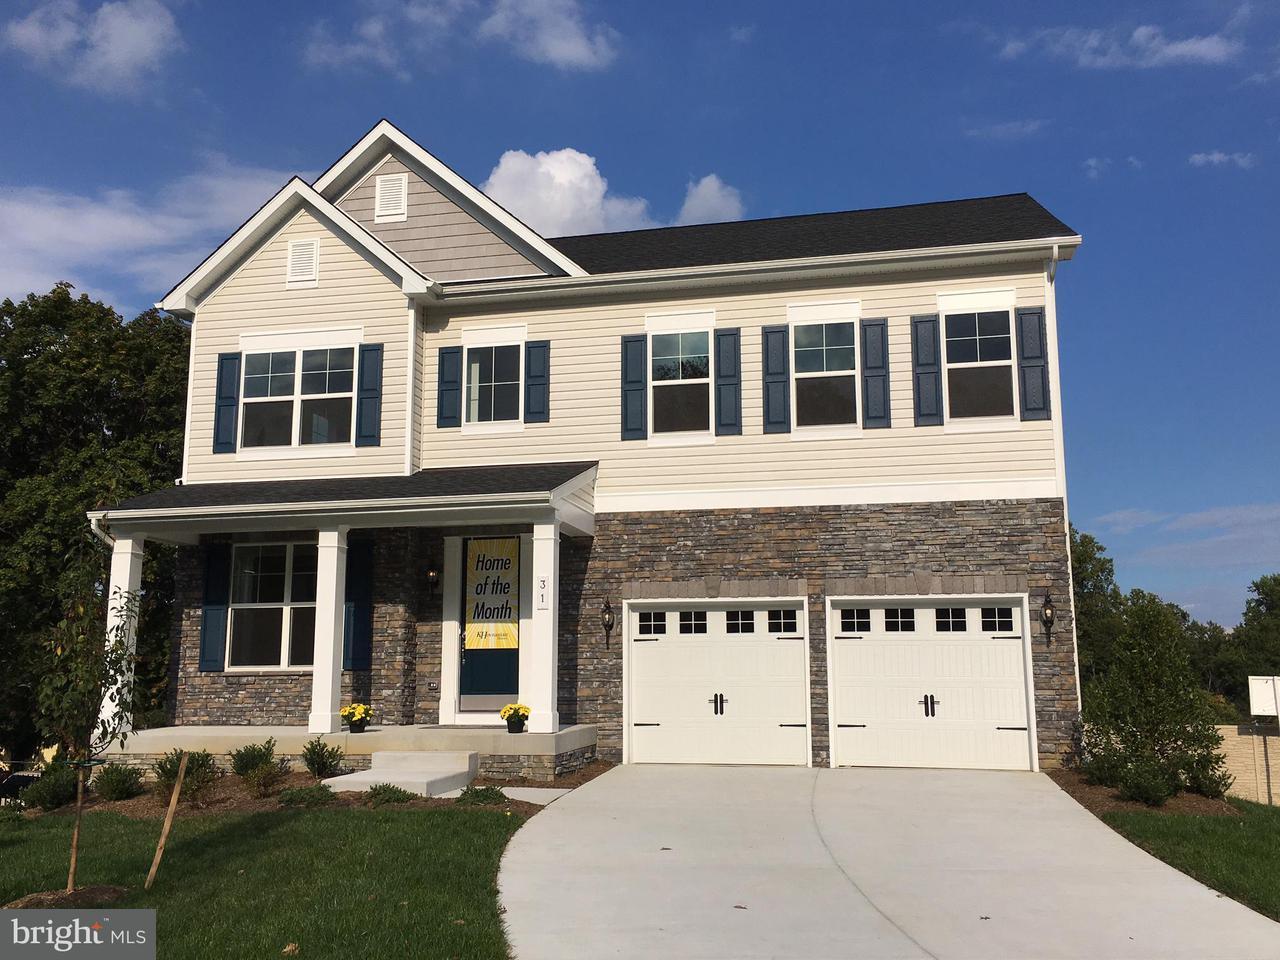 Частный односемейный дом для того Продажа на 31 EDEN TERRACE Lane 31 EDEN TERRACE Lane Catonsville, Мэриленд 21228 Соединенные Штаты